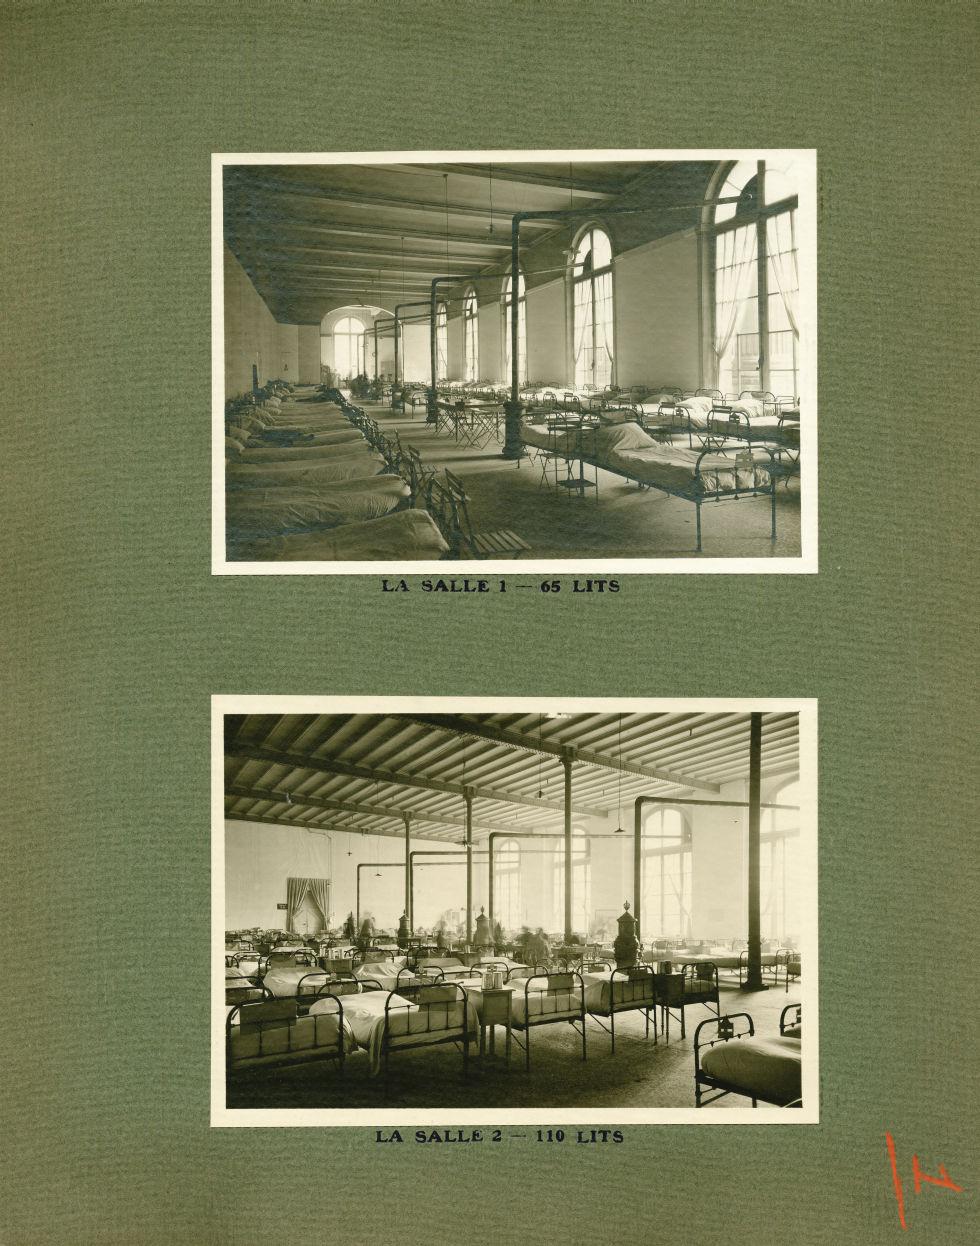 [Le Grand Palais pendant la guerre] La salle 1 - 65 lits / La salle 2 - 110 lits - Le Grand Palais p [...] -  - med02077x0025